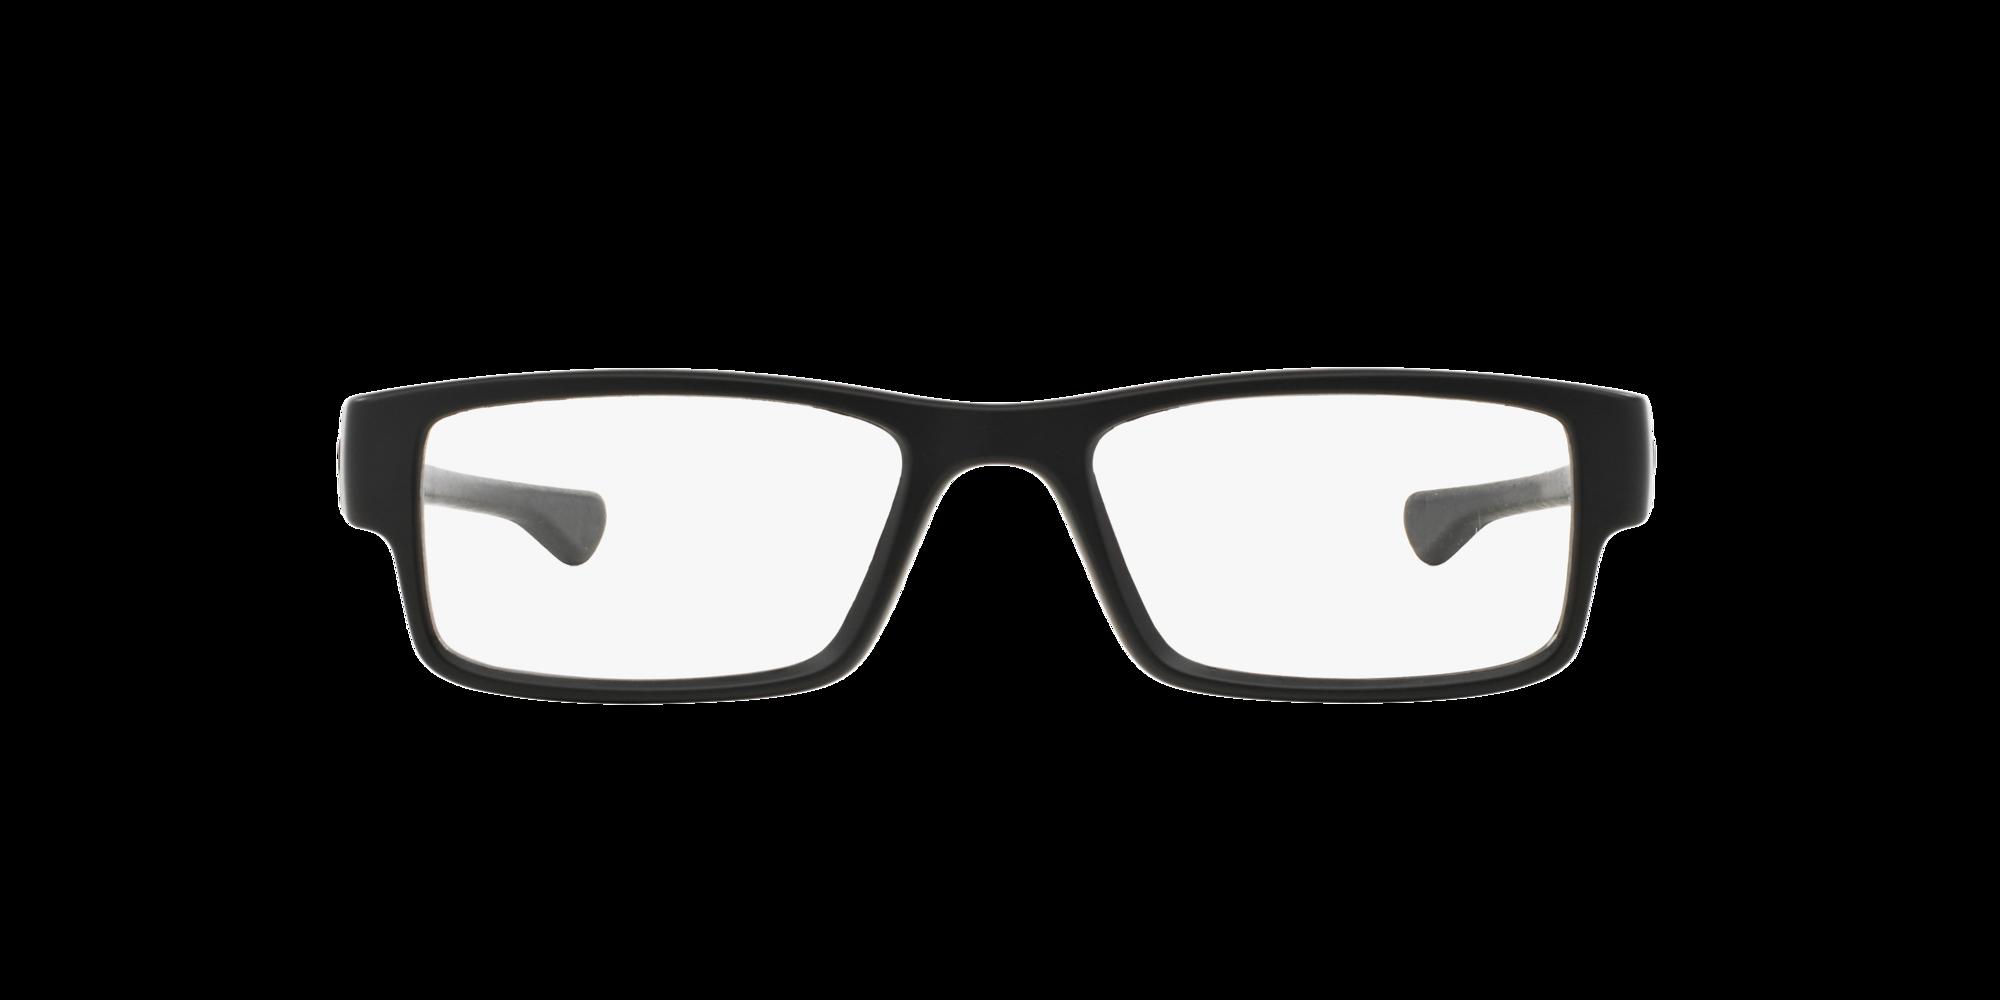 Imagen para OX8046 AIRDROP de LensCrafters    Espejuelos, espejuelos graduados en línea, gafas